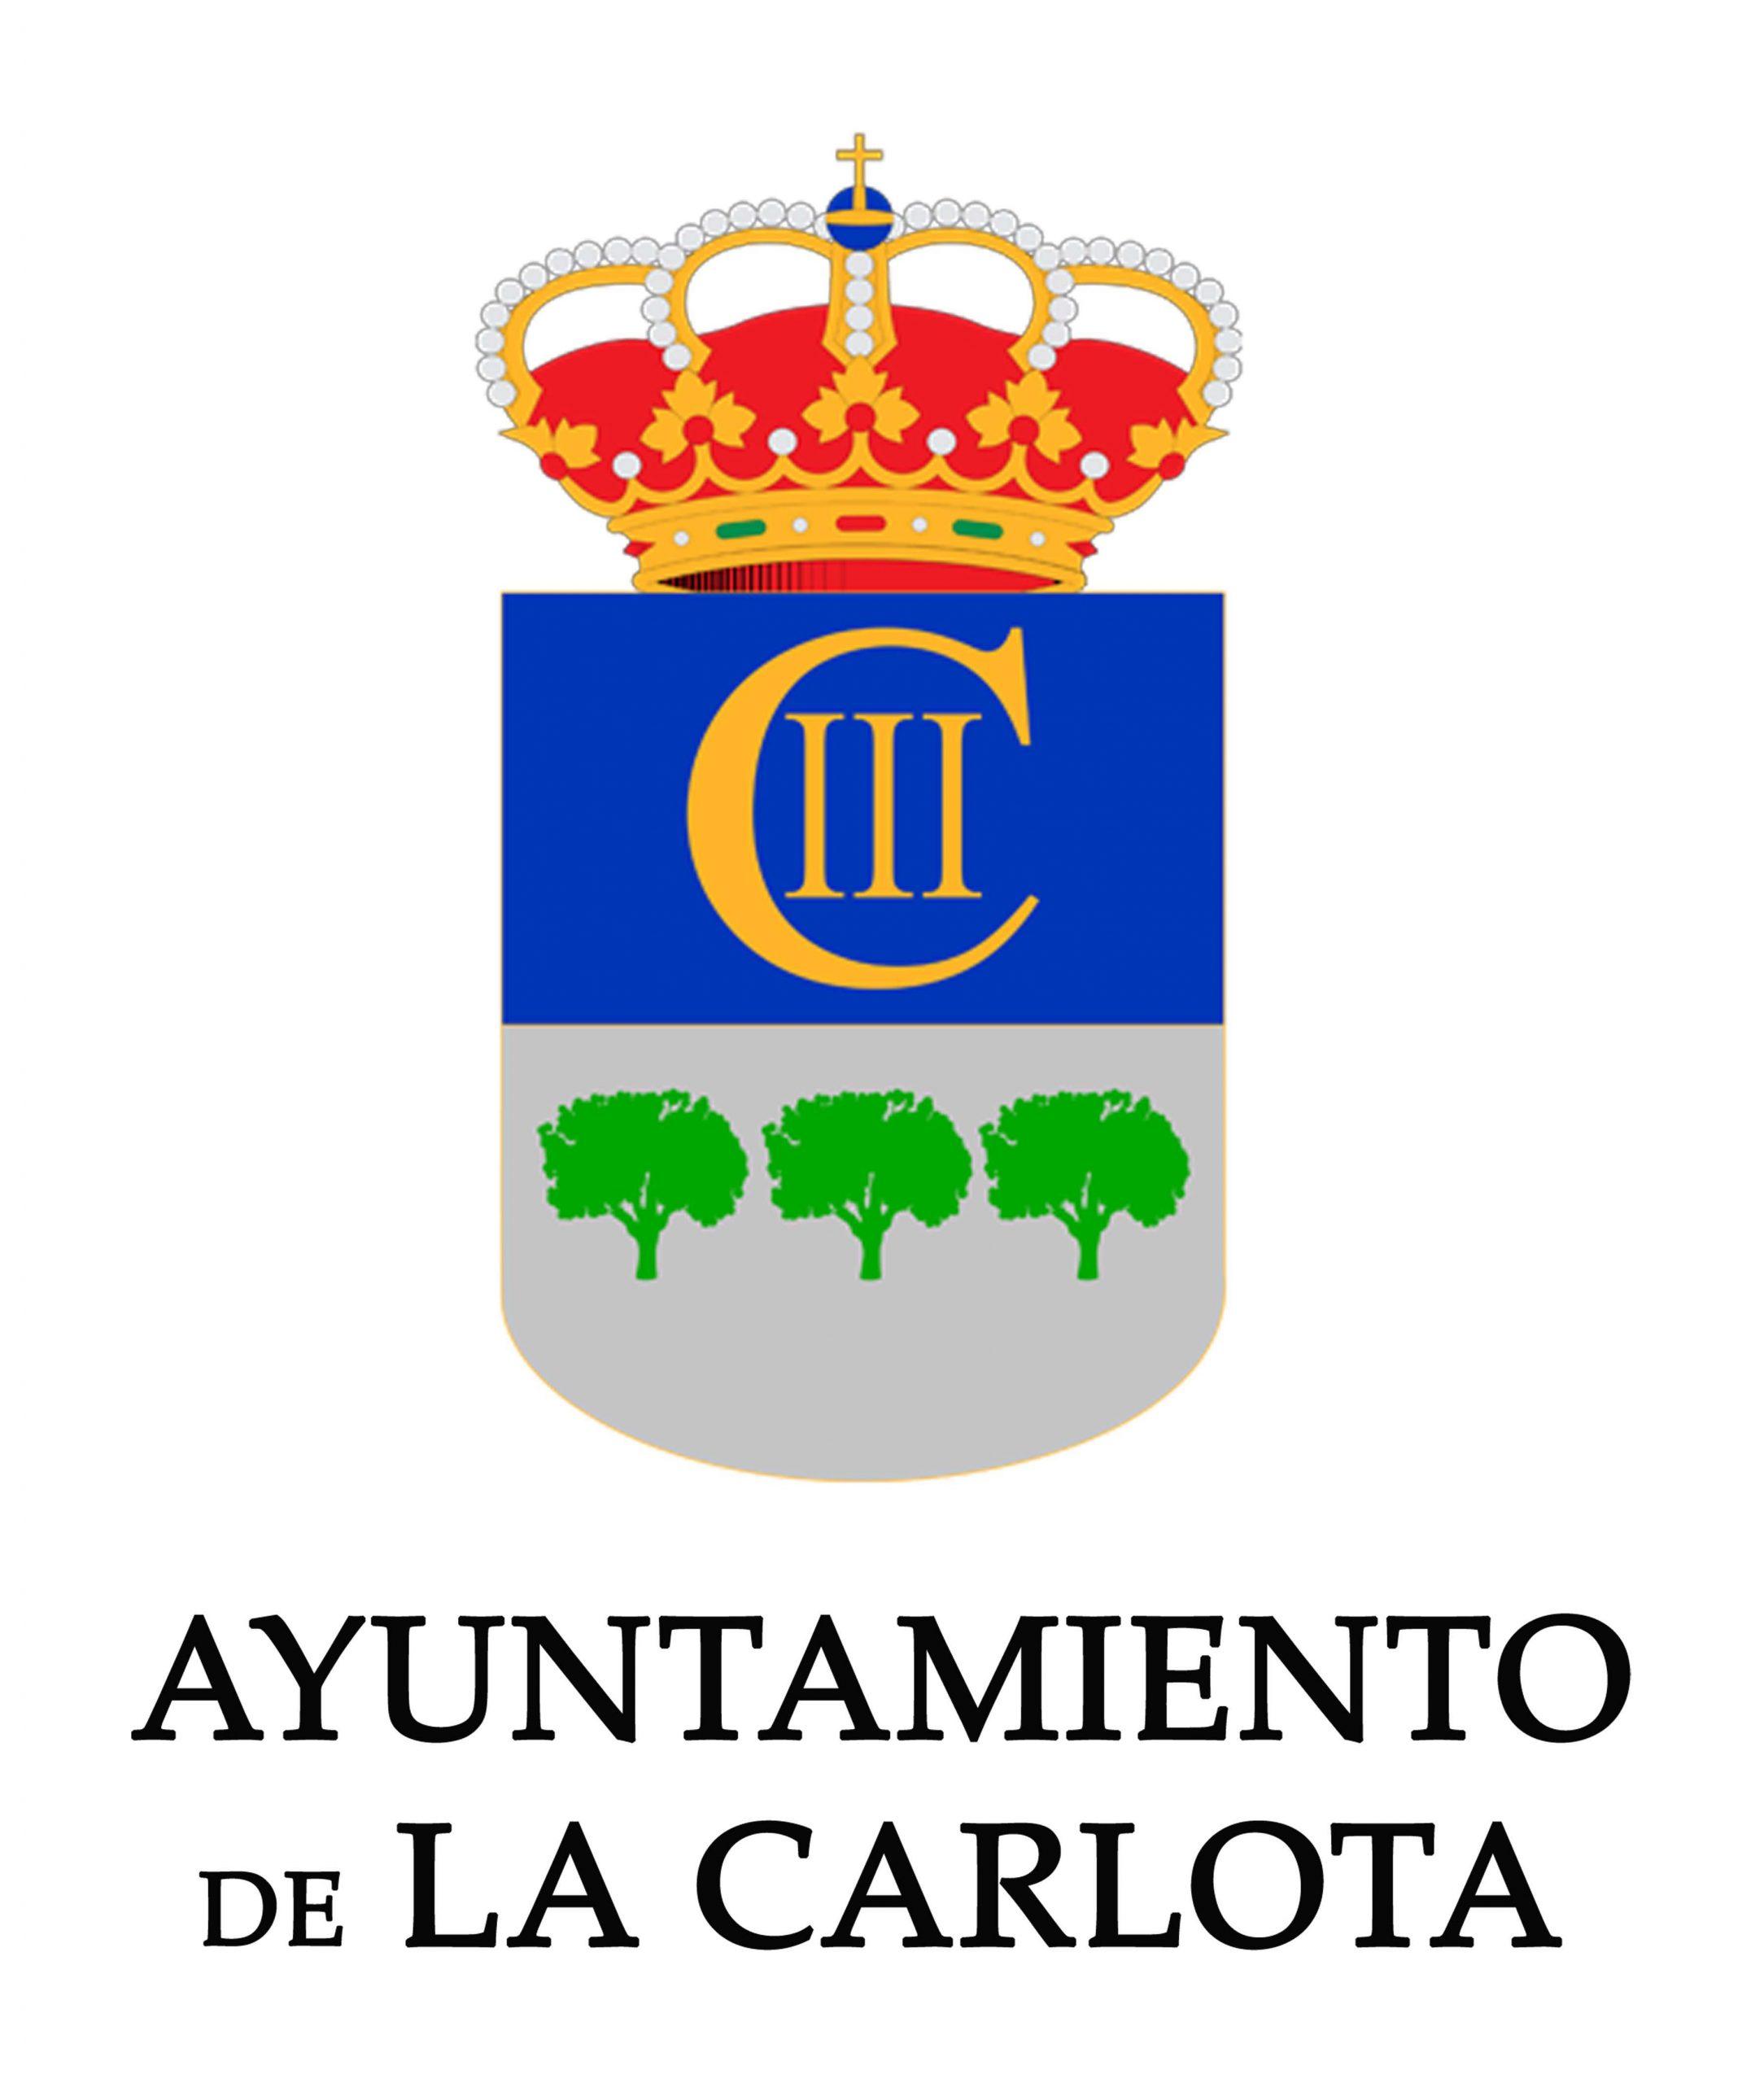 BANDO MUNICIPAL MEDIDAS PREVENTIVAS PARA LA CONTENCIÓN DEL  COVID-19 ANTE EL CRECIMIENTO DE CASOS POSITIVOS EN  LA CARLOTA Y LOS DEPARTAMENTOS 1